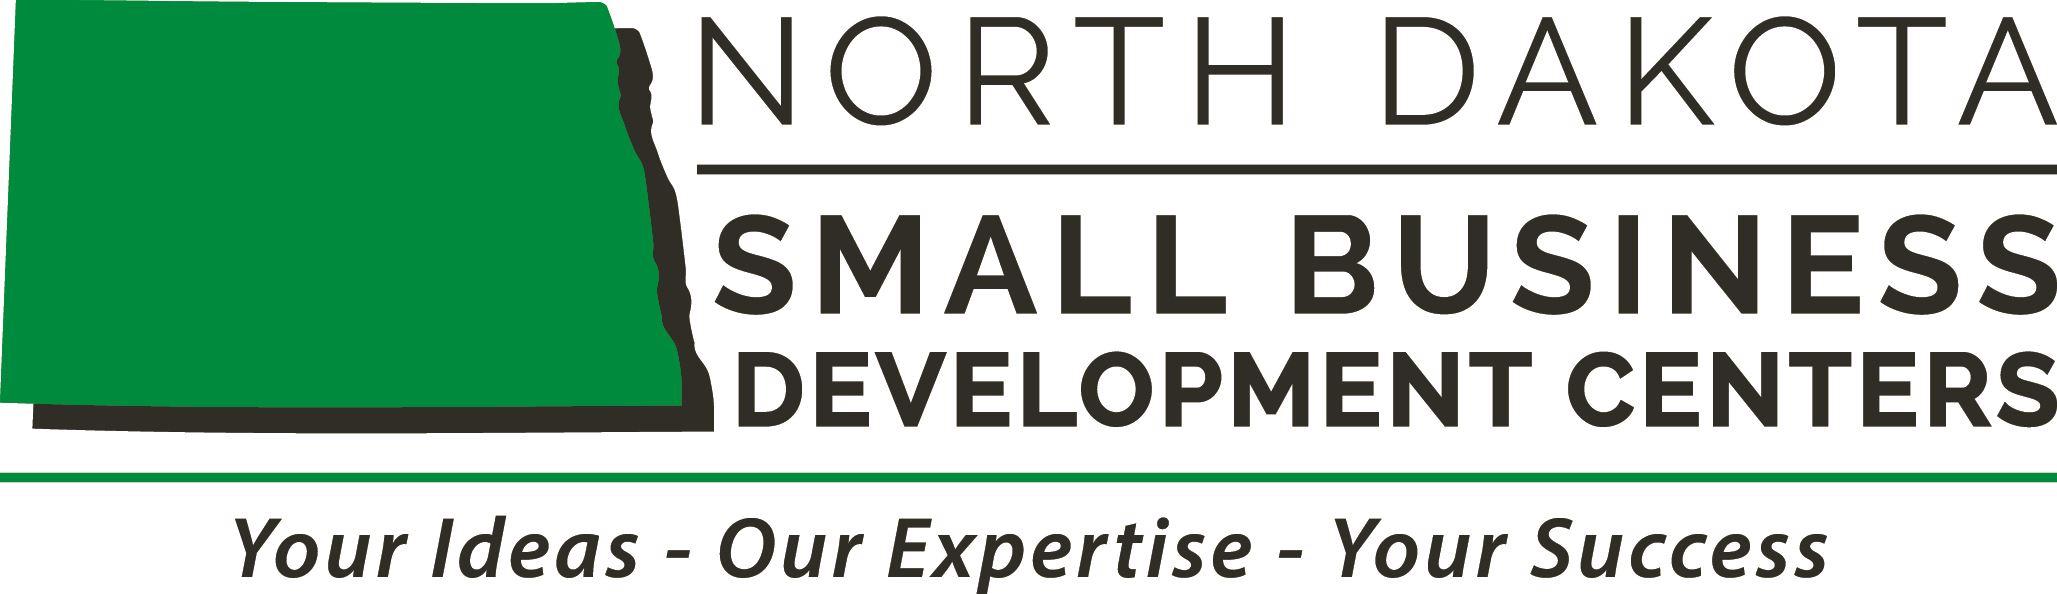 NDSBDC 2021 Opens in new window